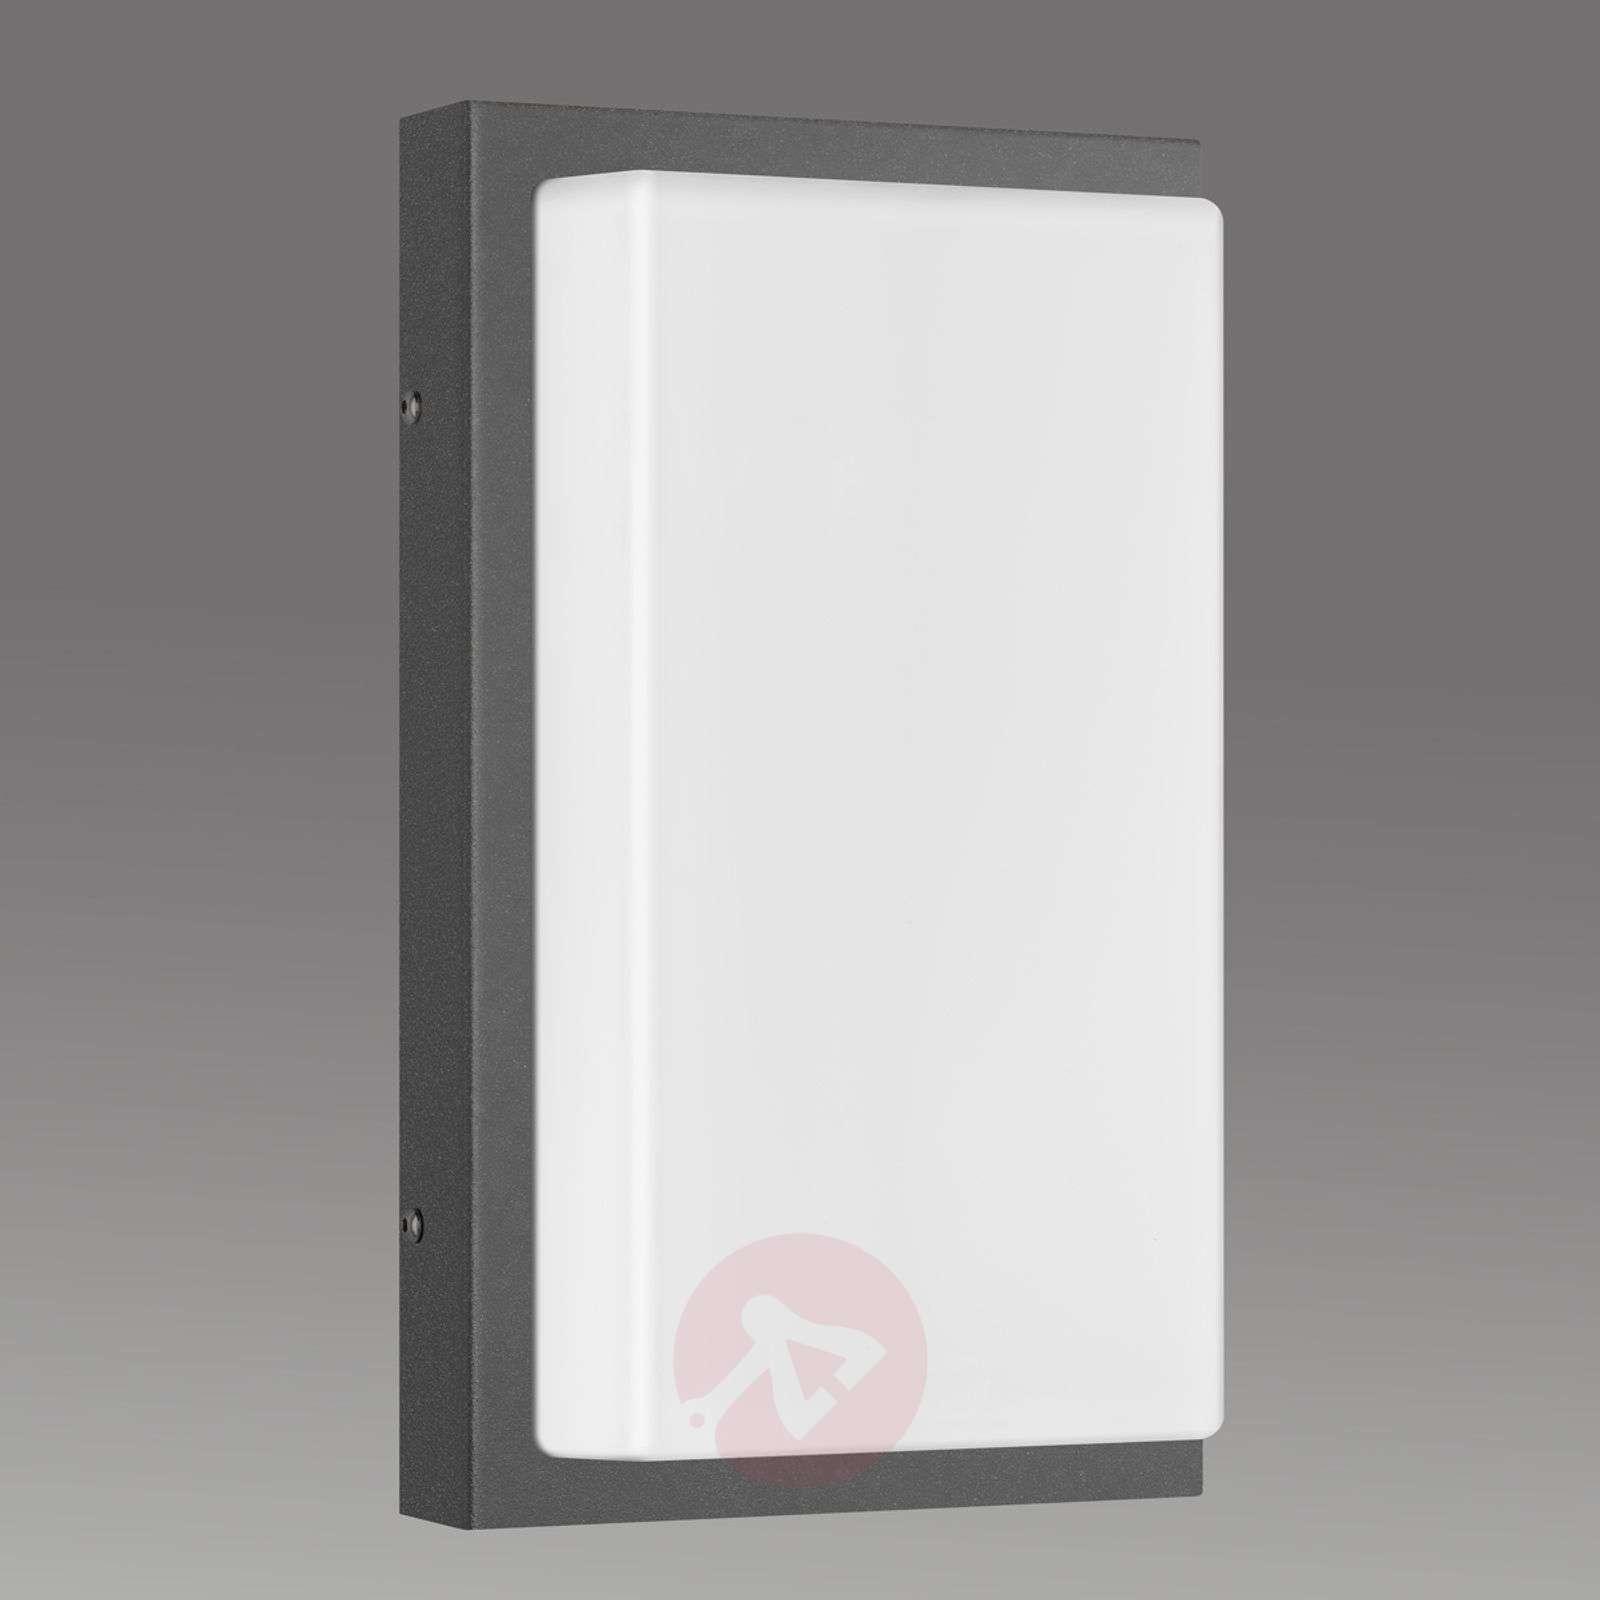 Rectangular outdoor wall lamp Babett-6068089-01